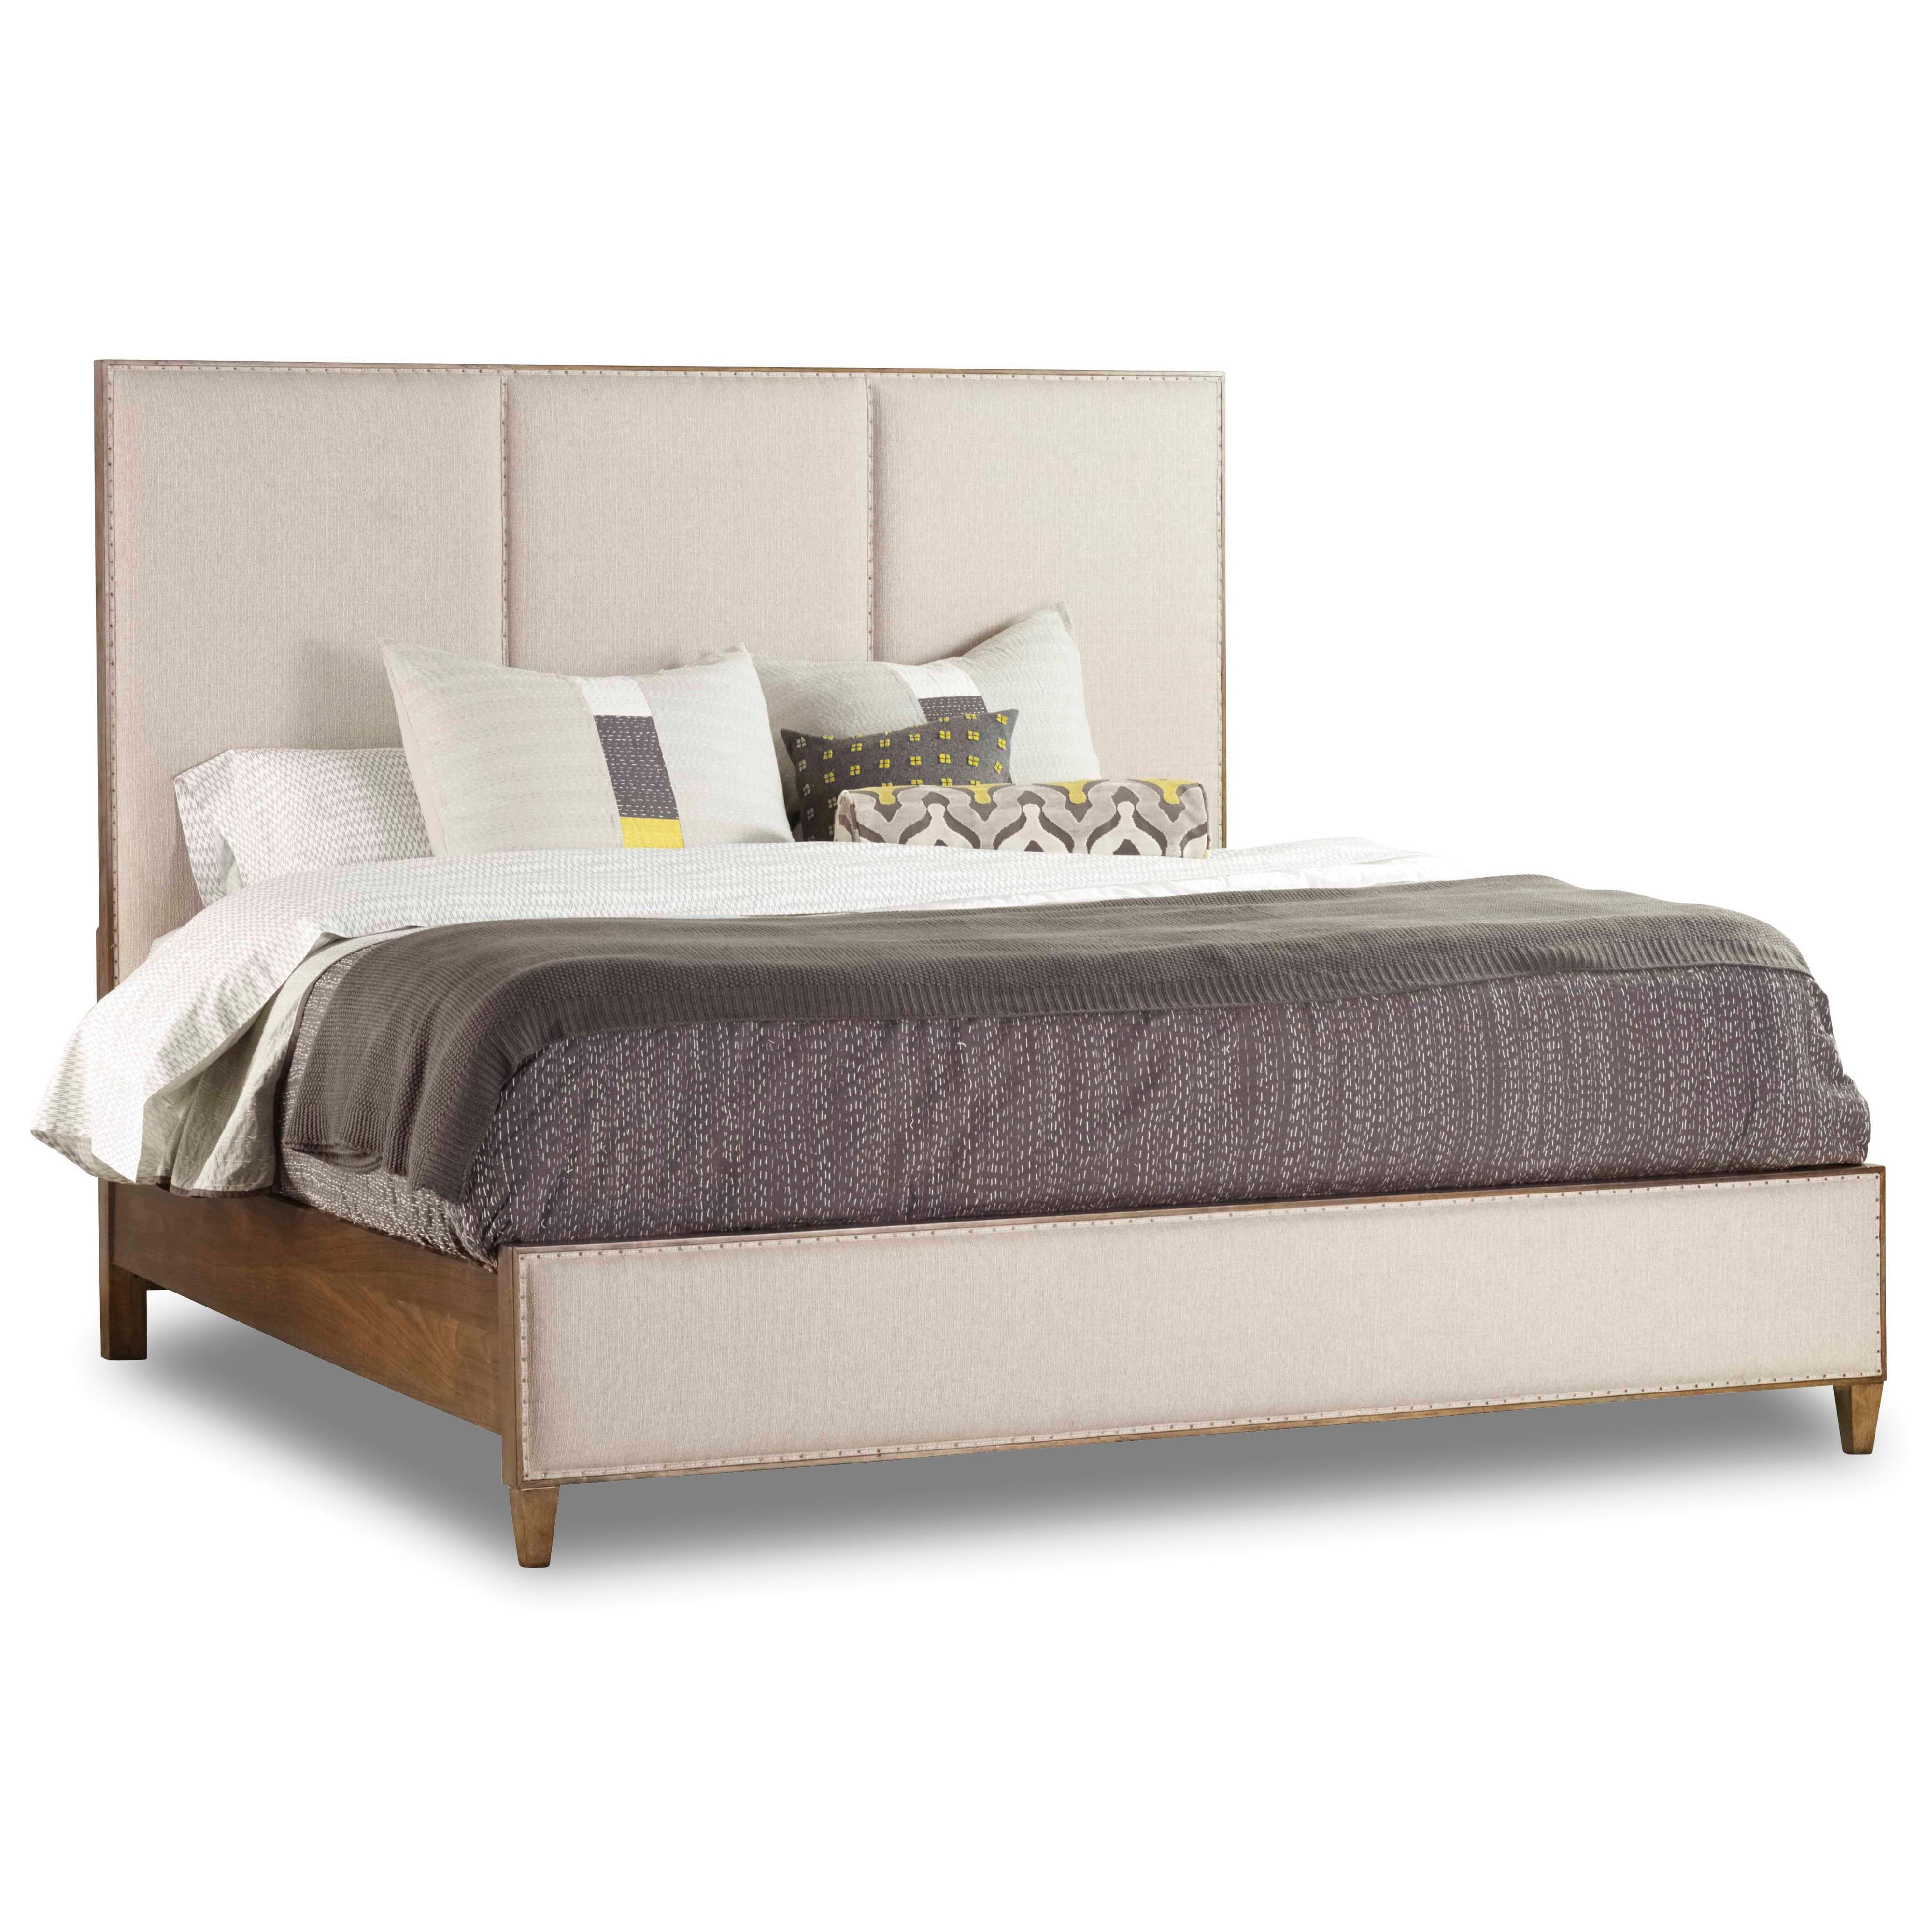 Hooker Furniture Studio 7H Queen Aon Upholstered Panel Bed - Item Number: 5398-90250